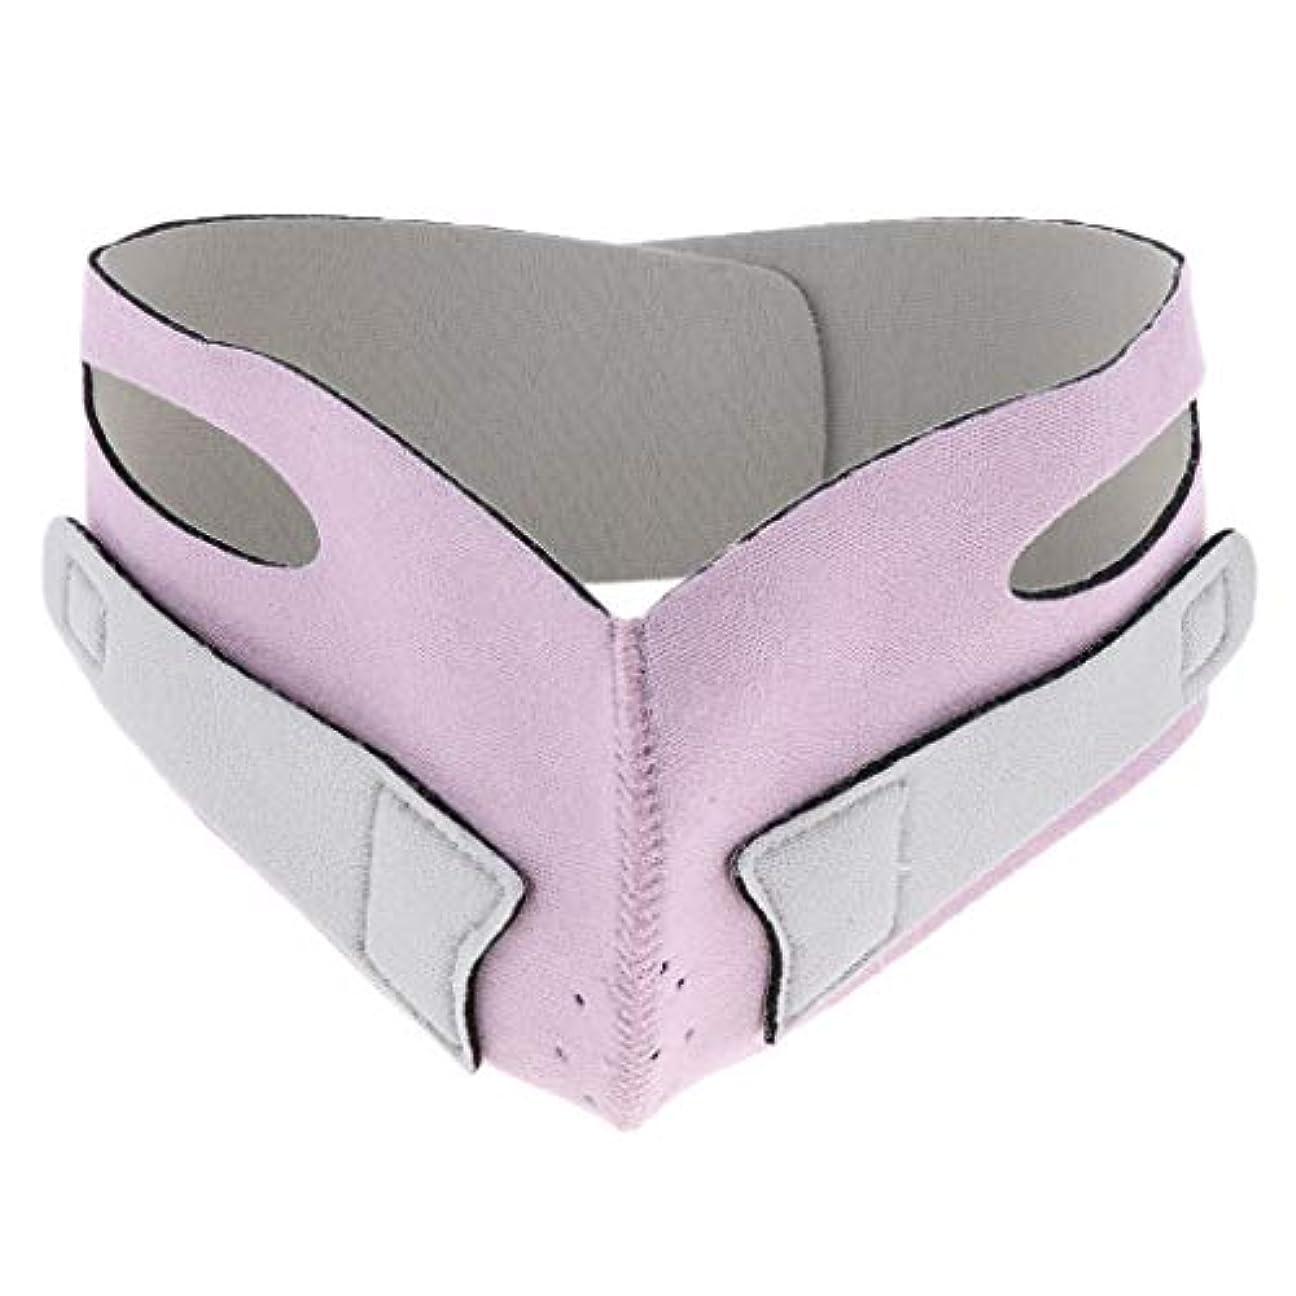 一見可愛い曲がったD DOLITY 引き上げマスク 頬リフトアップ V-ラインマスク リフティング リフトスリムマスク 通気性 全2色 - ピンク